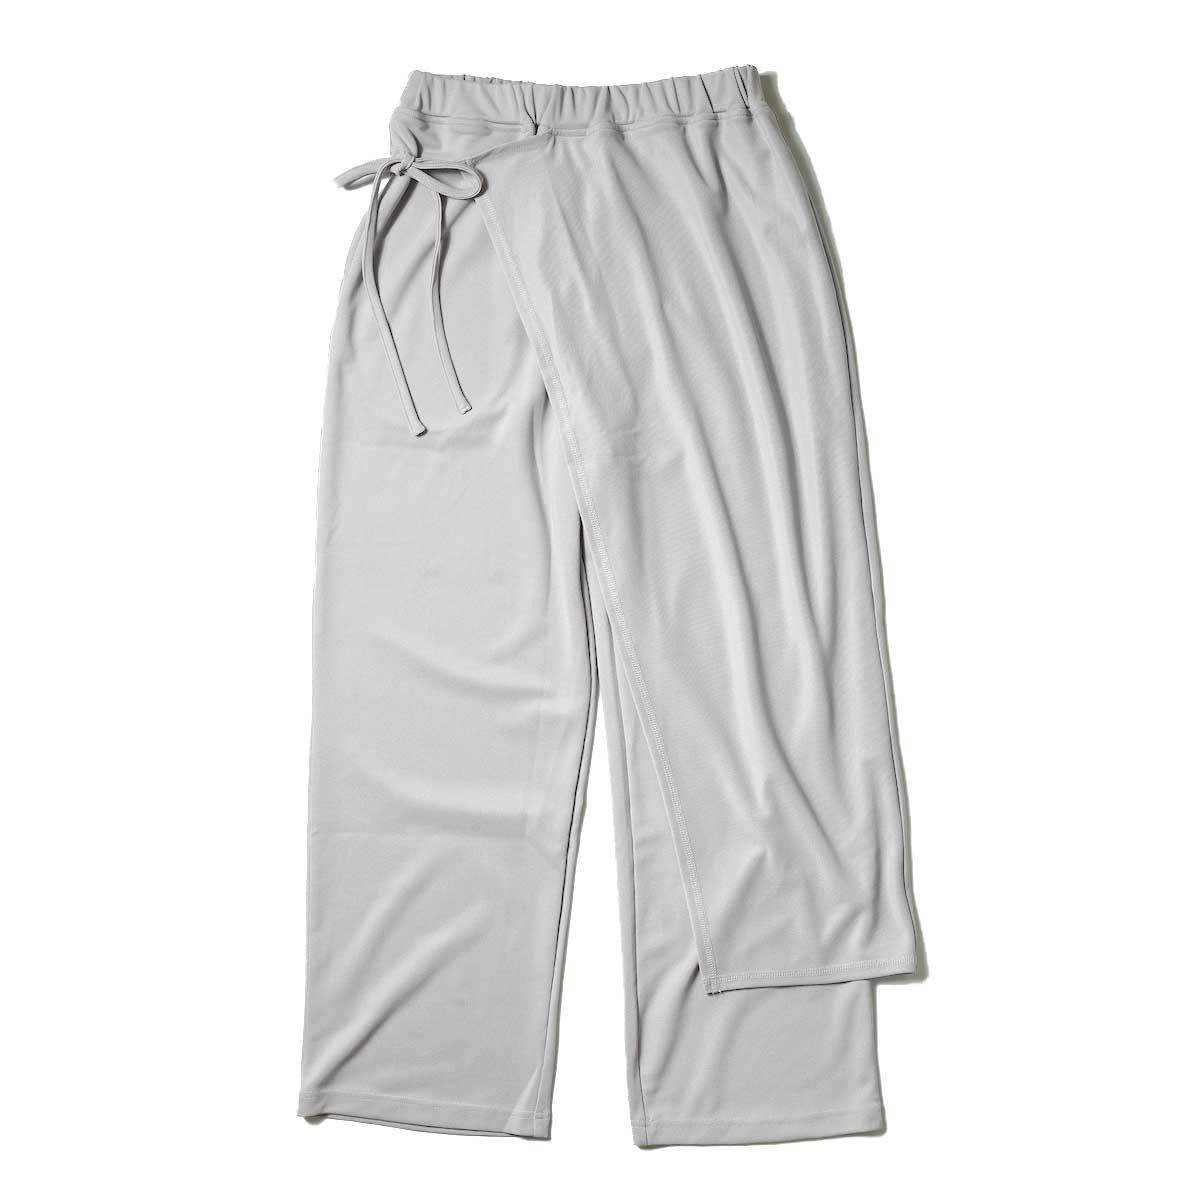 KHA:KI / SIDE WRAP PANTS (Grayge)